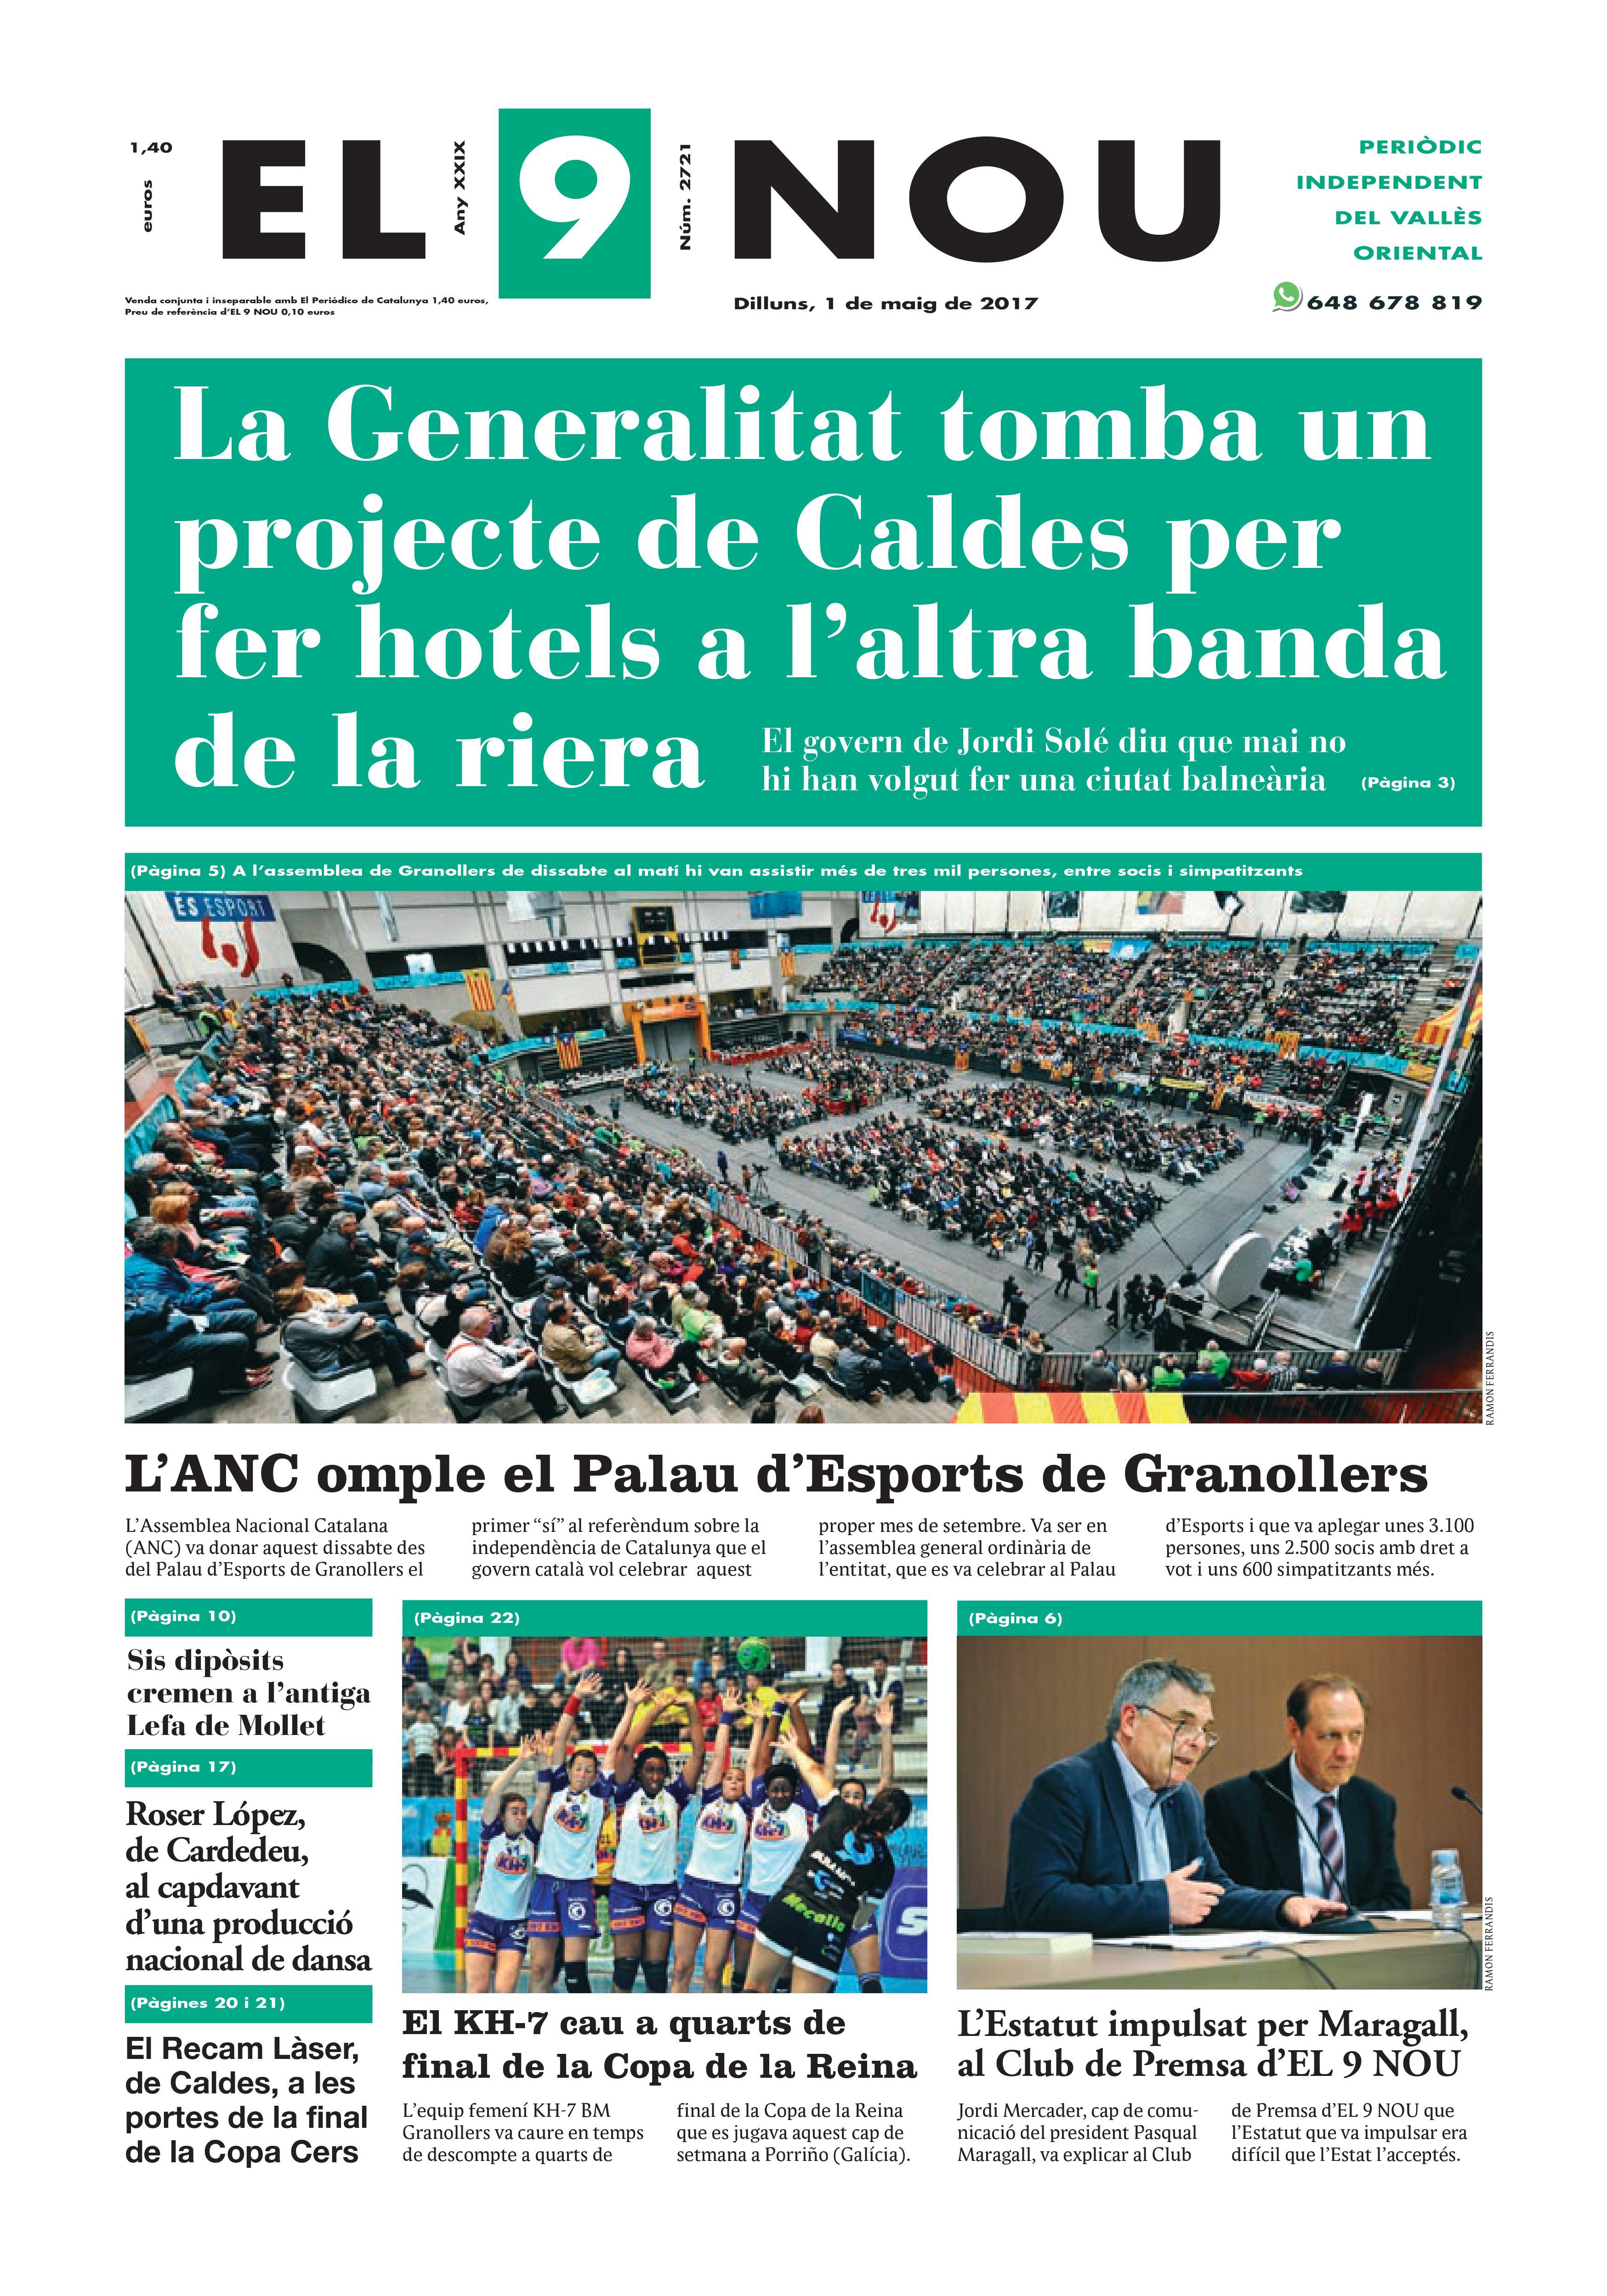 La portada del dilluns 1 de maig de 2017